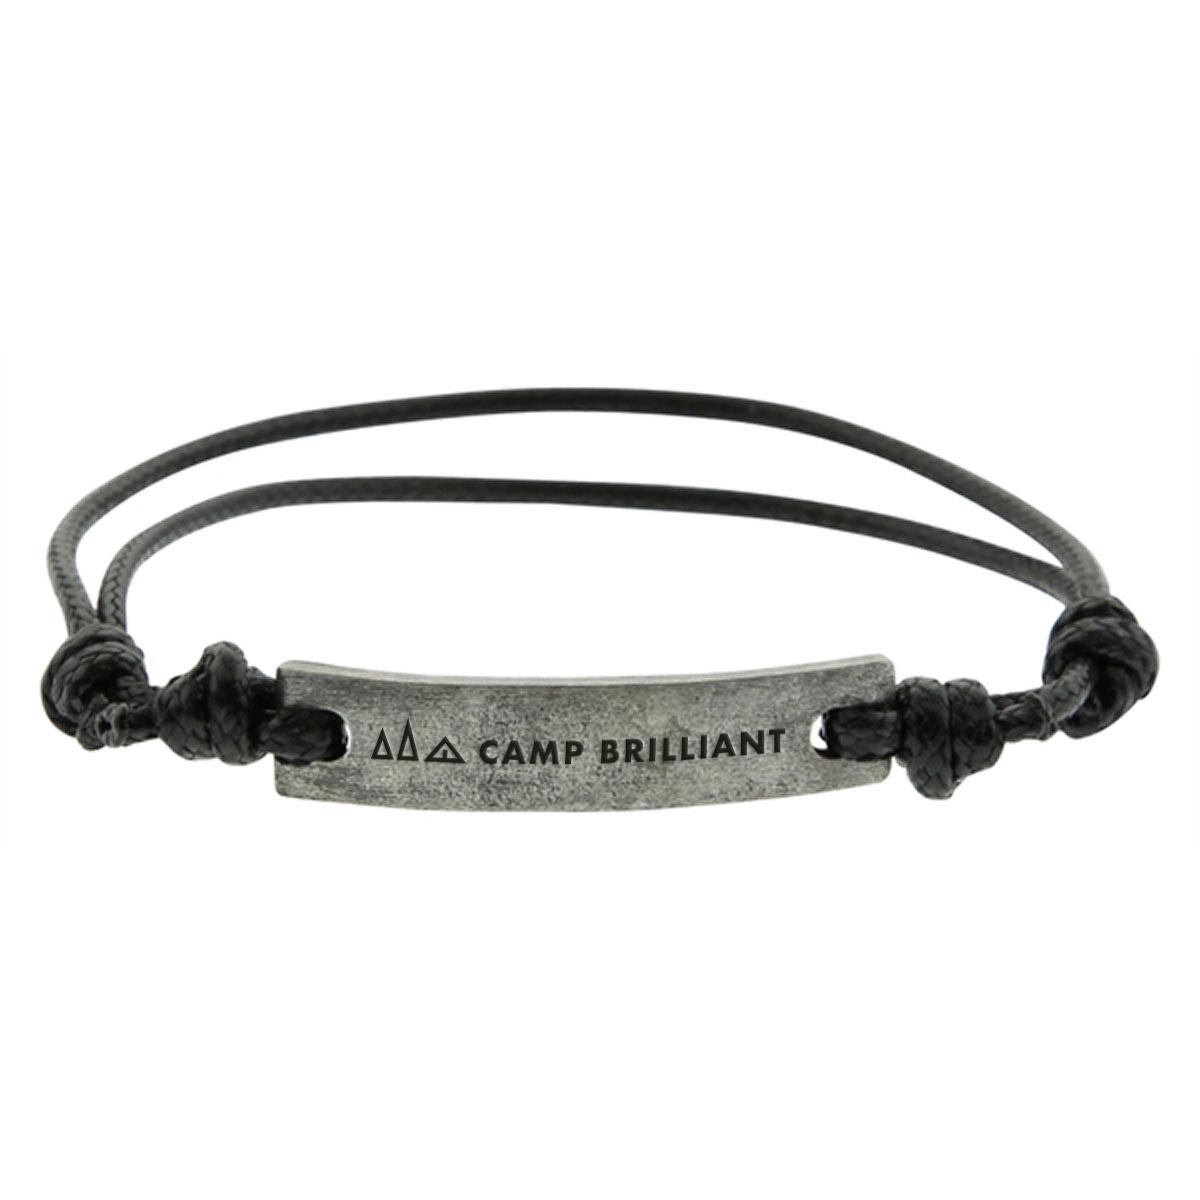 229233 friendship bracelet one color imprint or laser engraved one location